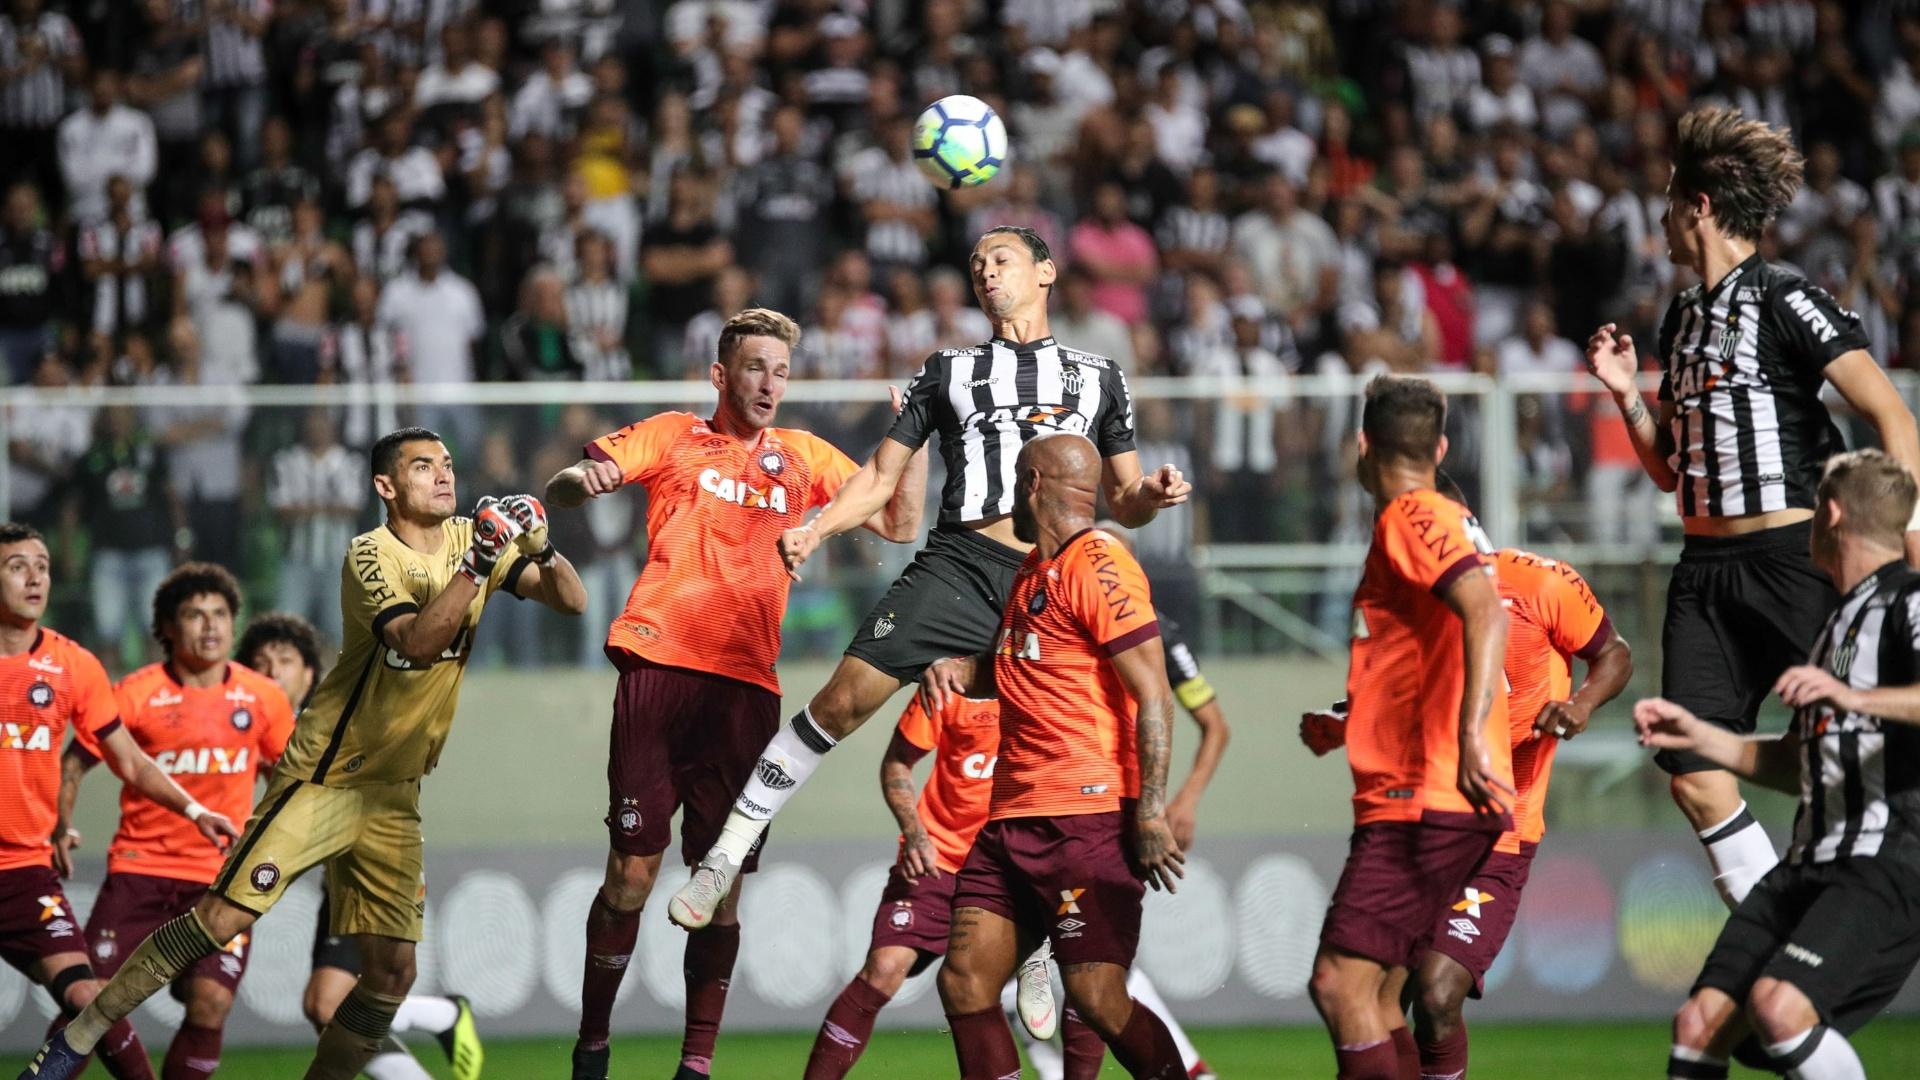 Ricardo Oliveira escora de cabeça durante jogo entre Atlético-MG e Atlético-PR